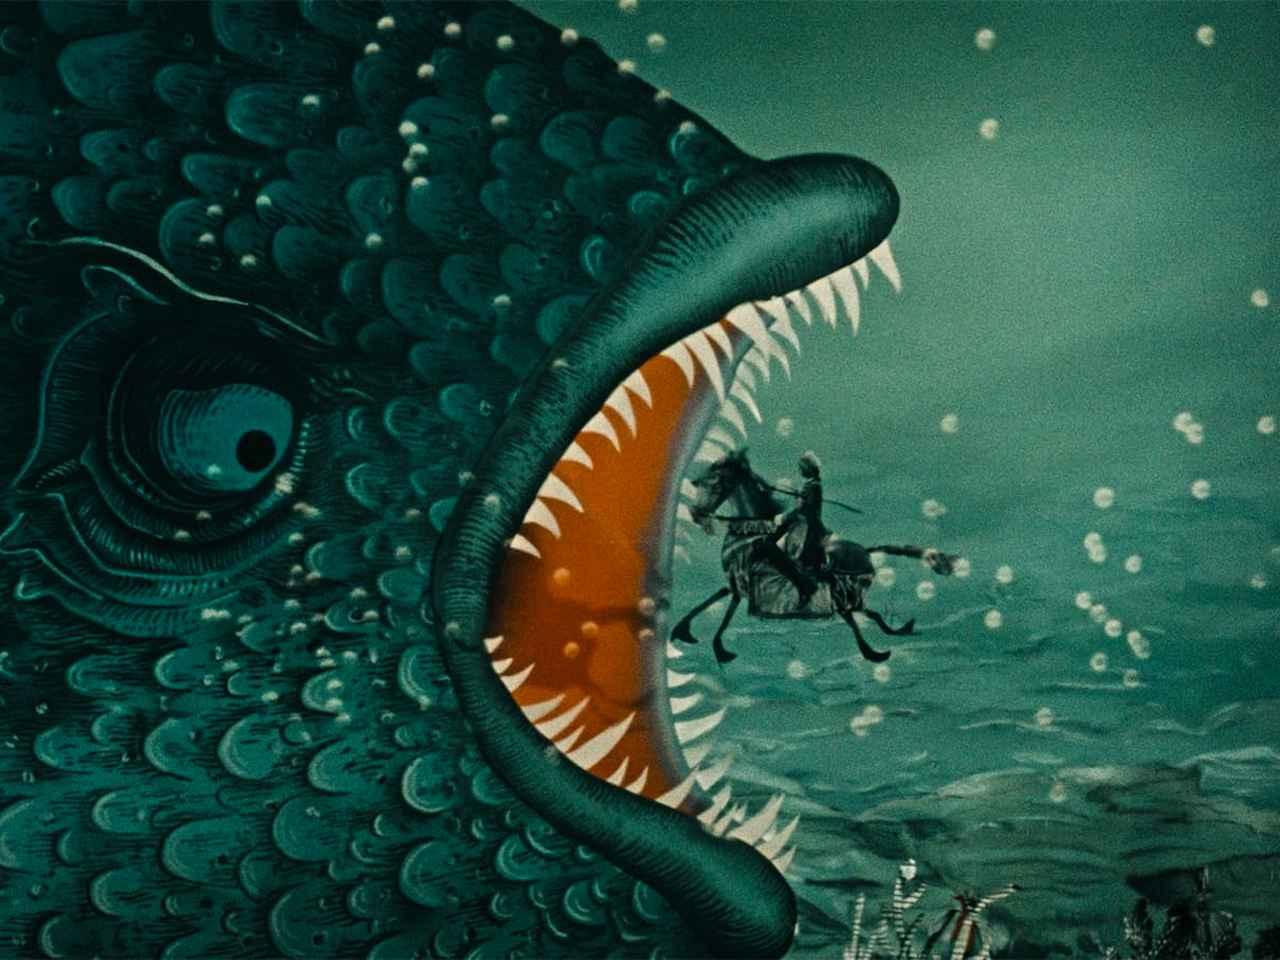 画像4: カレル・ゼマン監督作『前世紀探険』『悪魔の発明』『ほら男爵の冒険』【クライテリオンNEWリリース】